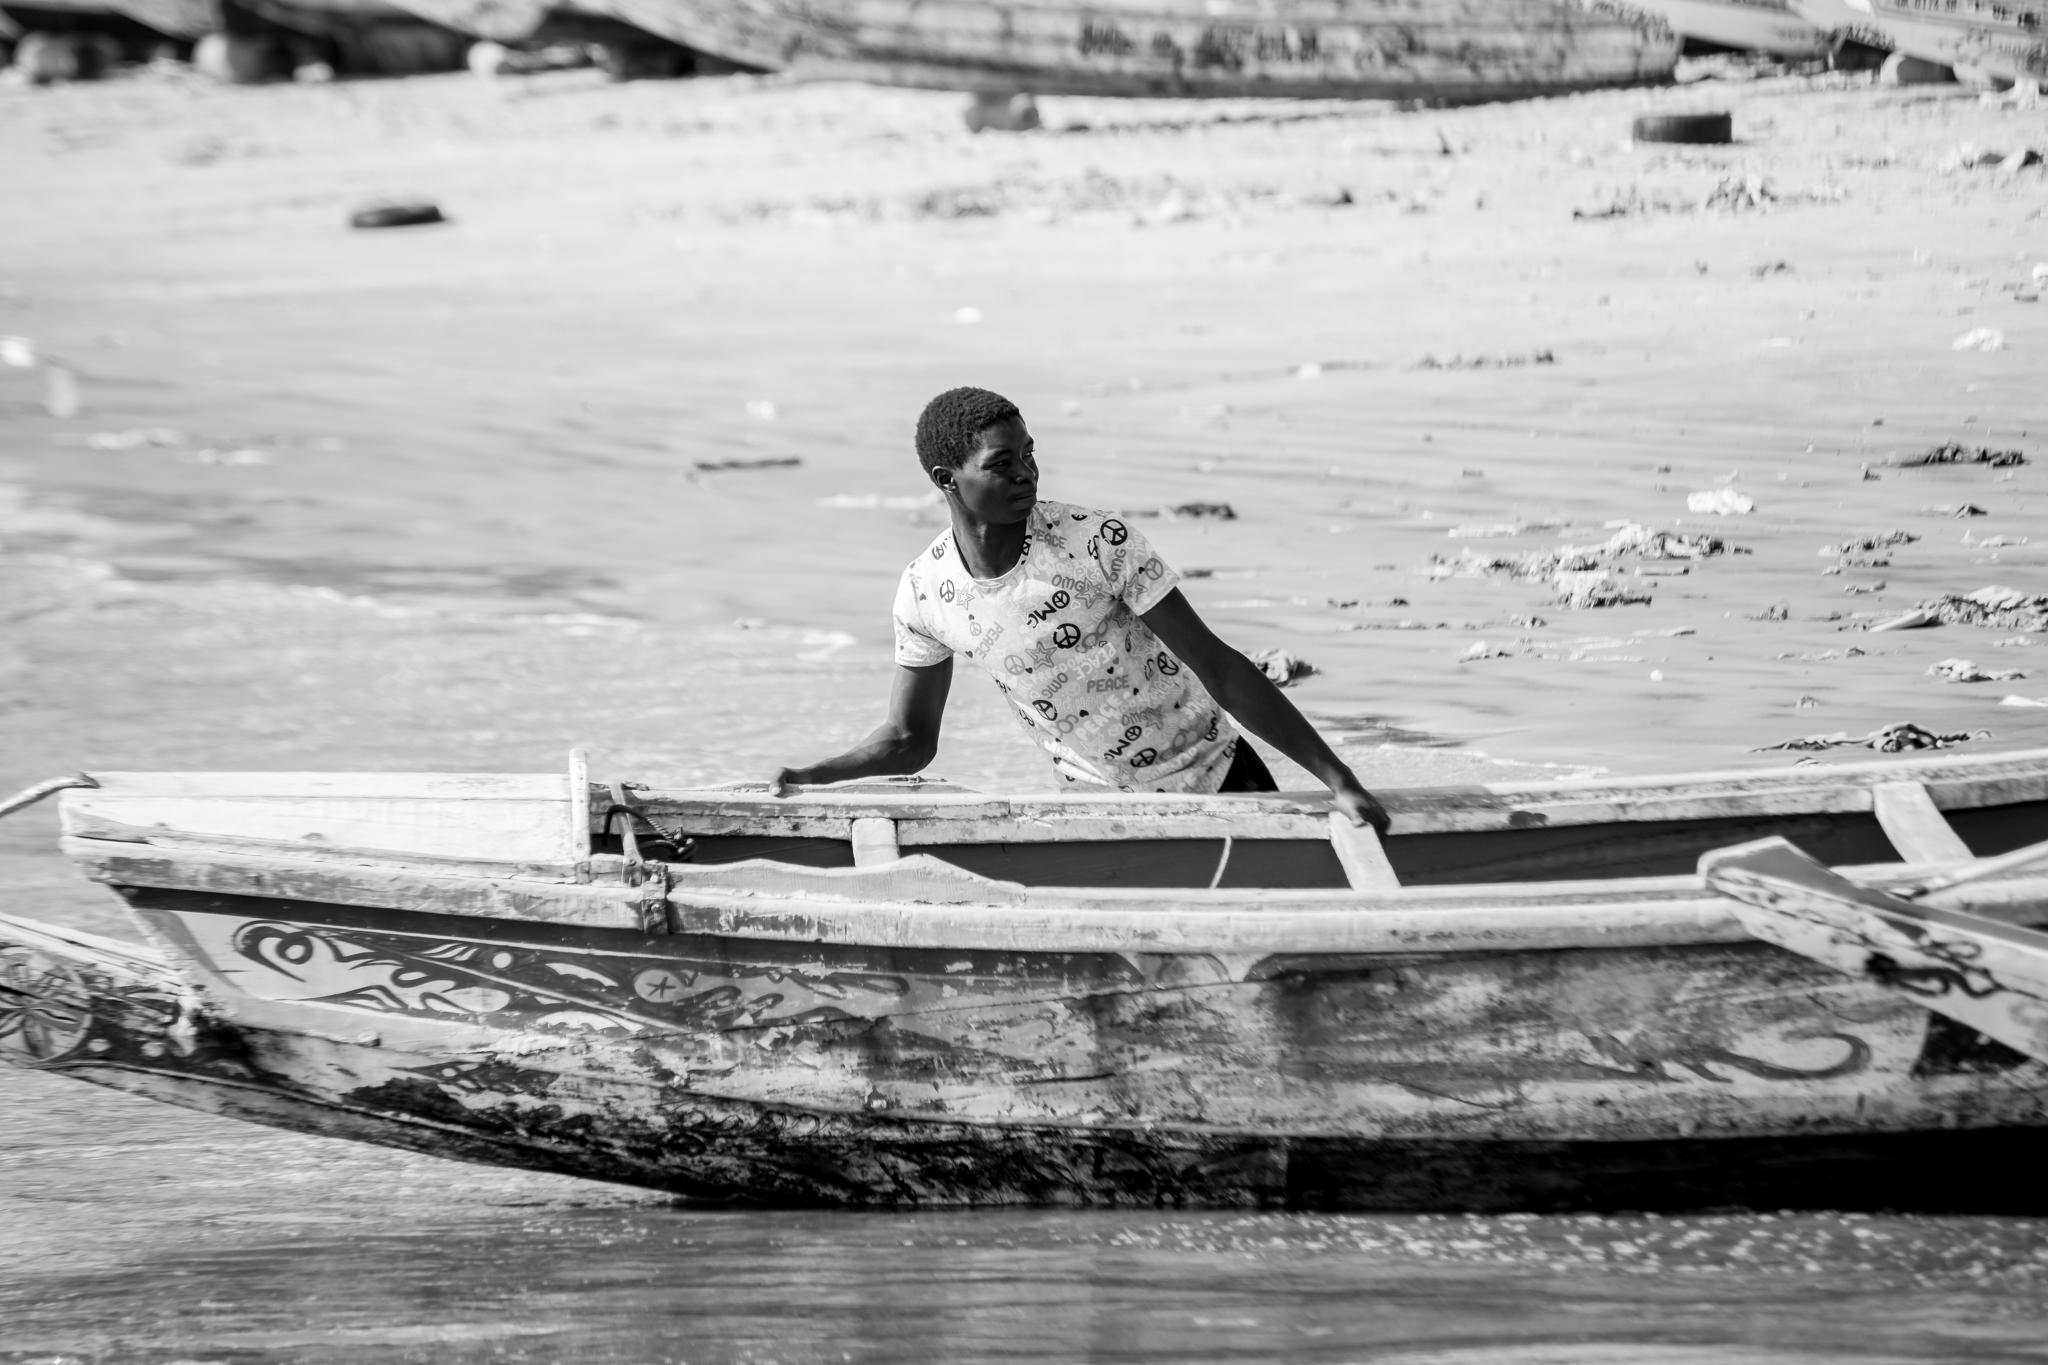 """Tras la jornada de capturas frente a las playas senegalesas los pescadores recogen con esfuerzo sus barcas o """"piraguas"""" para pasar la noche."""